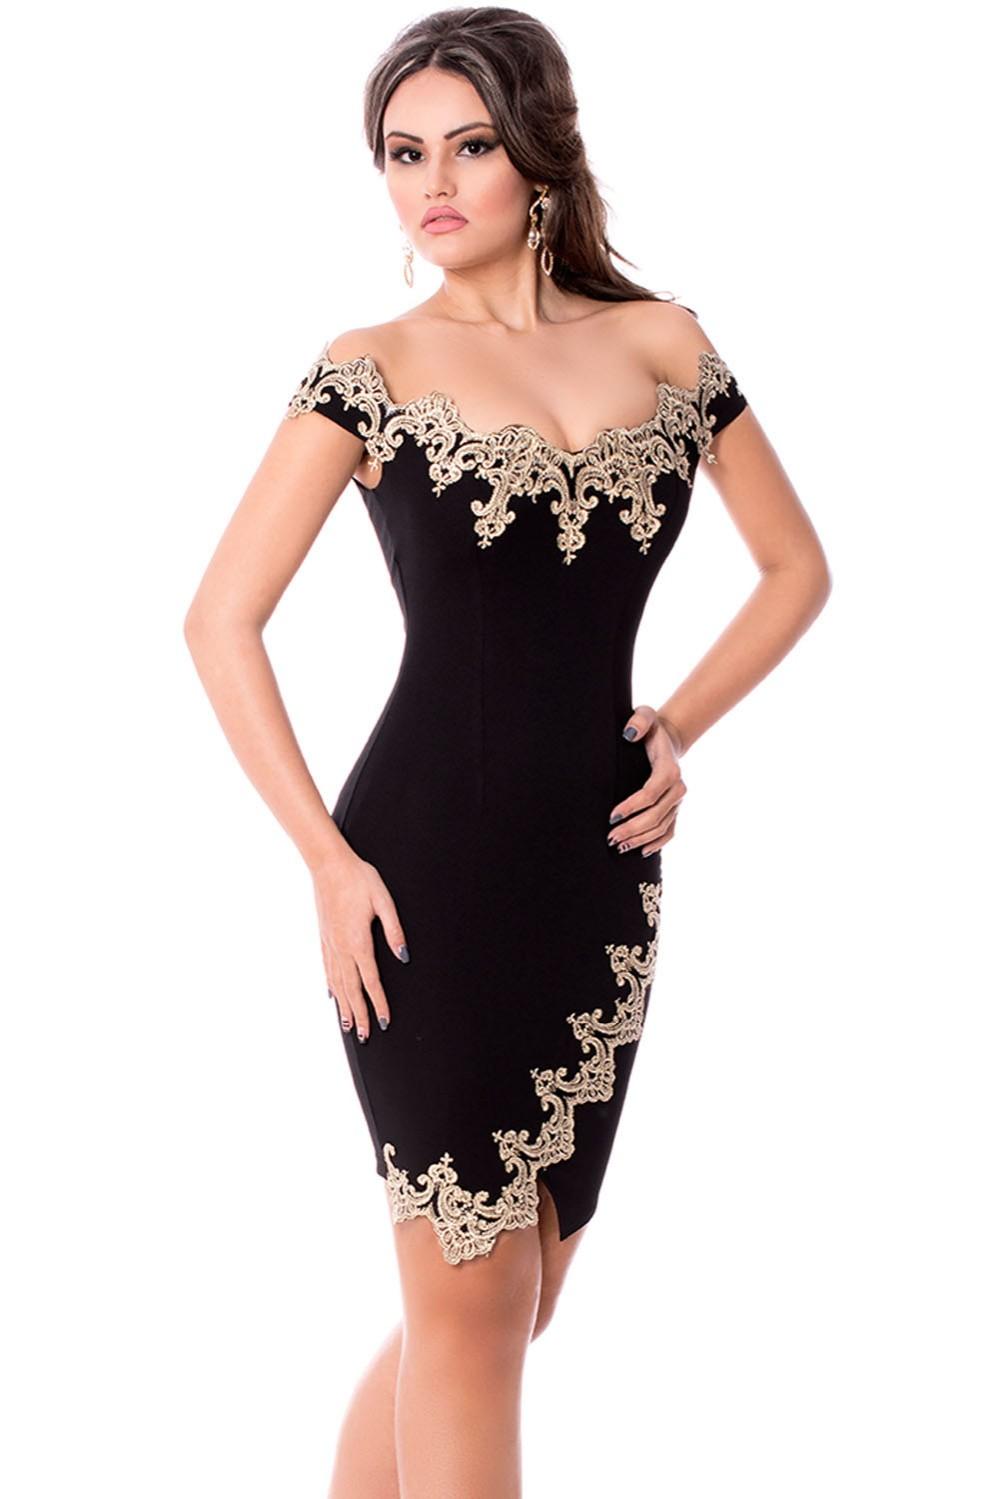 Gold-Lace-Applique-Black-Off-Shoulder-Mini-Dress-LC22715-2-1